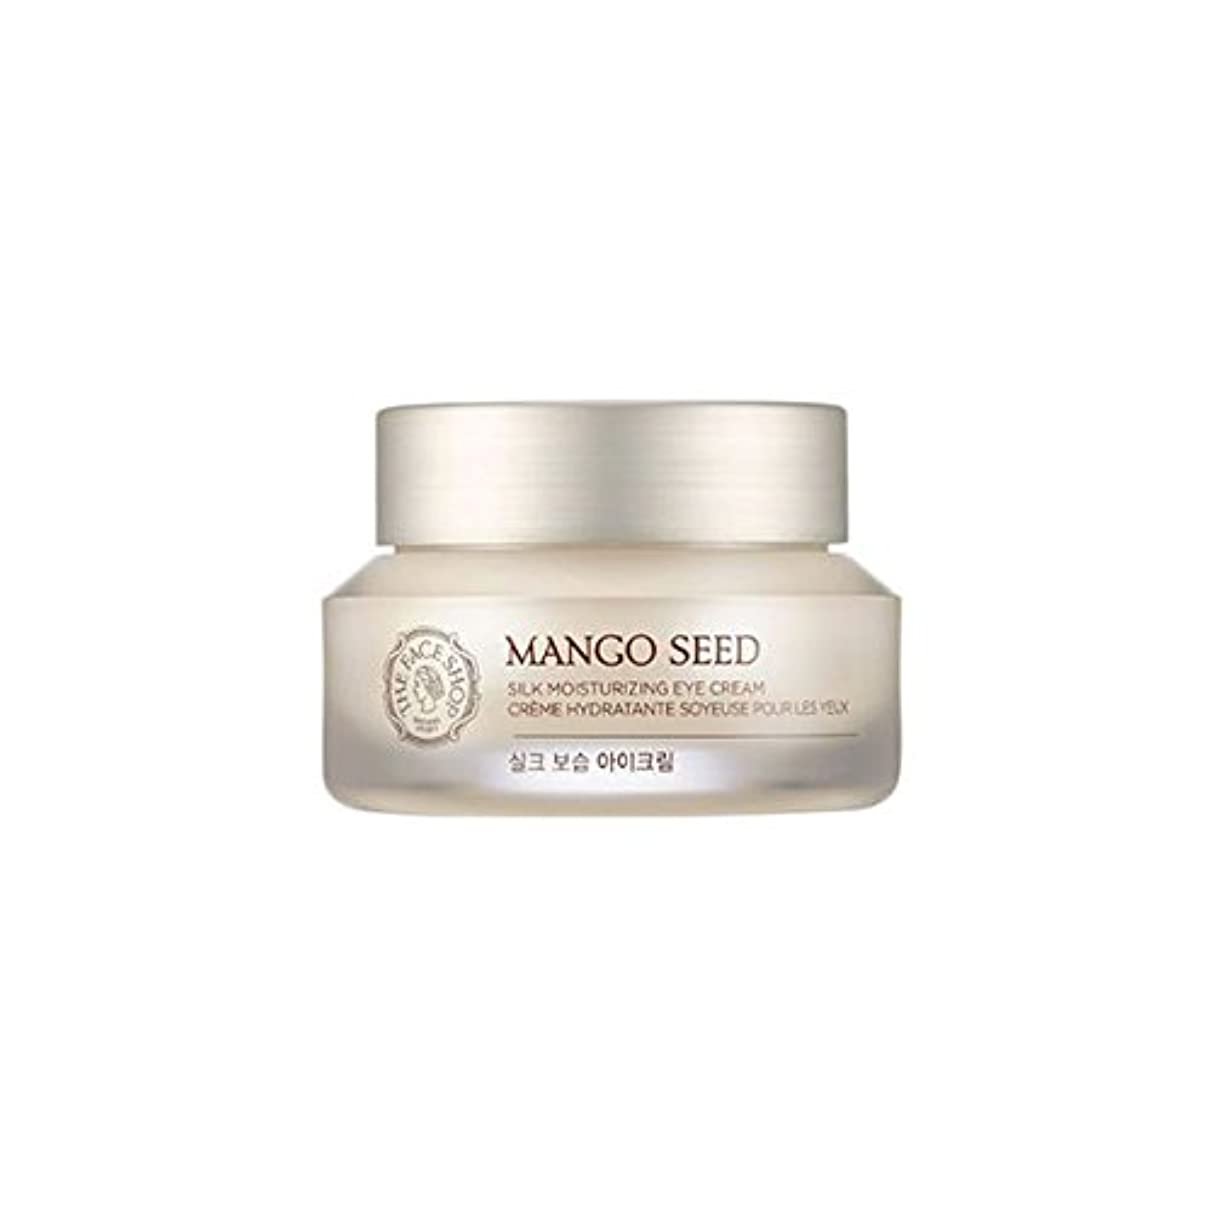 ビリー慎重に勧告[ザフェイスショップ] THE FACE SHOP マンゴシードシルク保湿アイクリーム (30ml) The Face Shop Mango Seed Silk Moisturizing Eye Cream(30ml) [海外直送品]